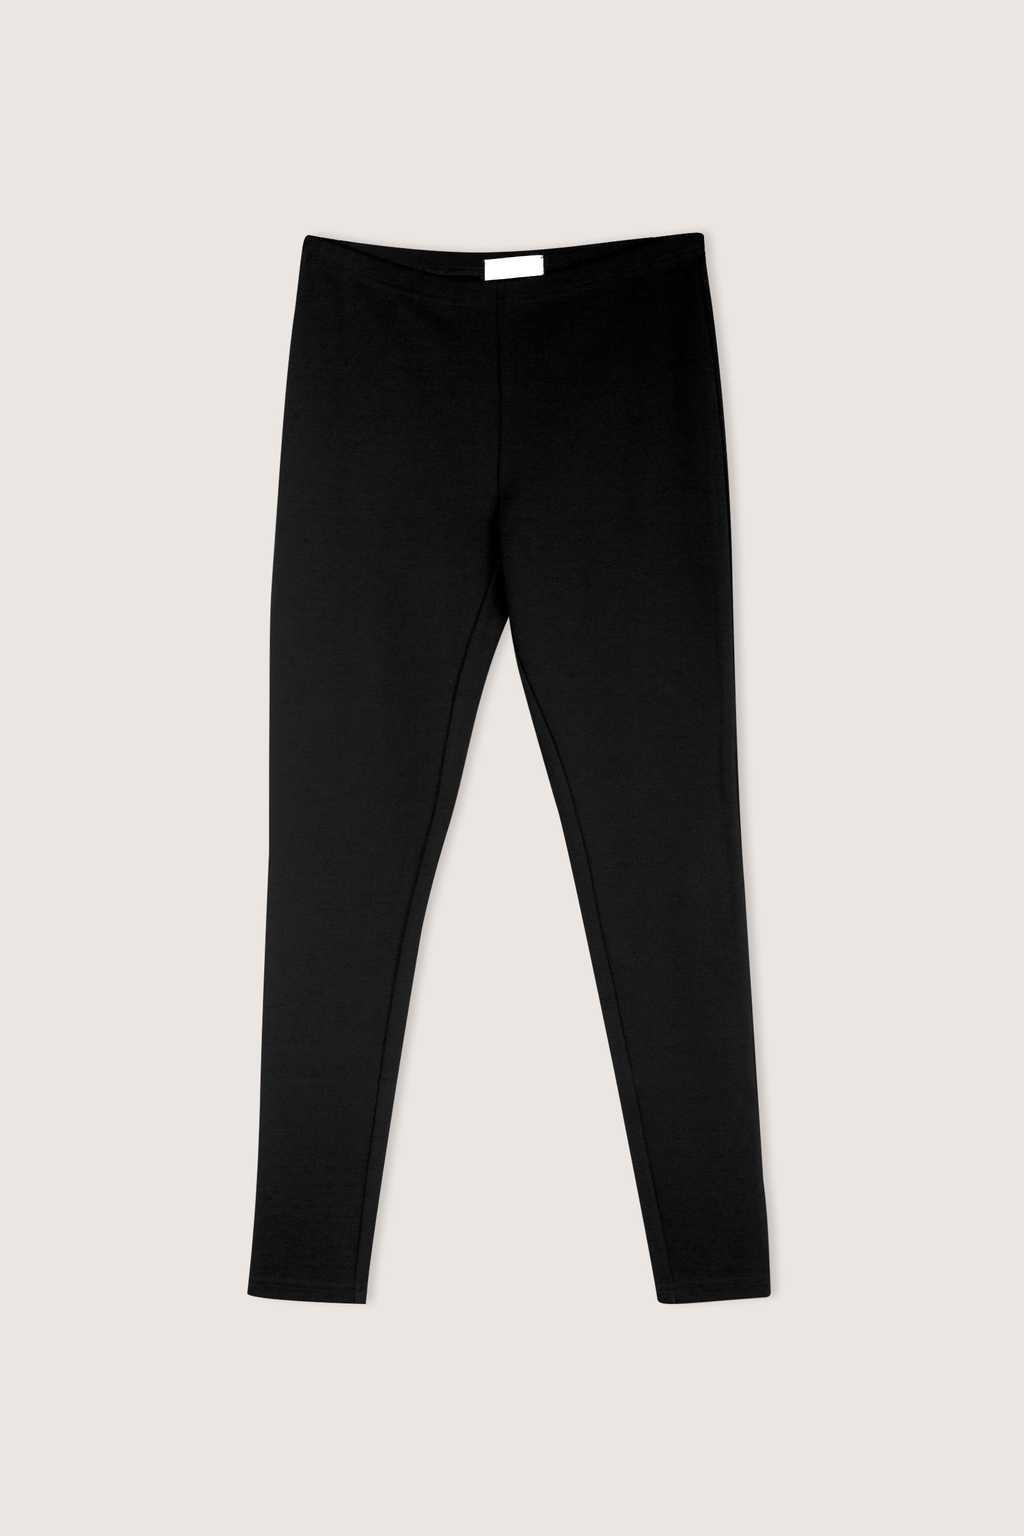 Legging 1721 Black 5